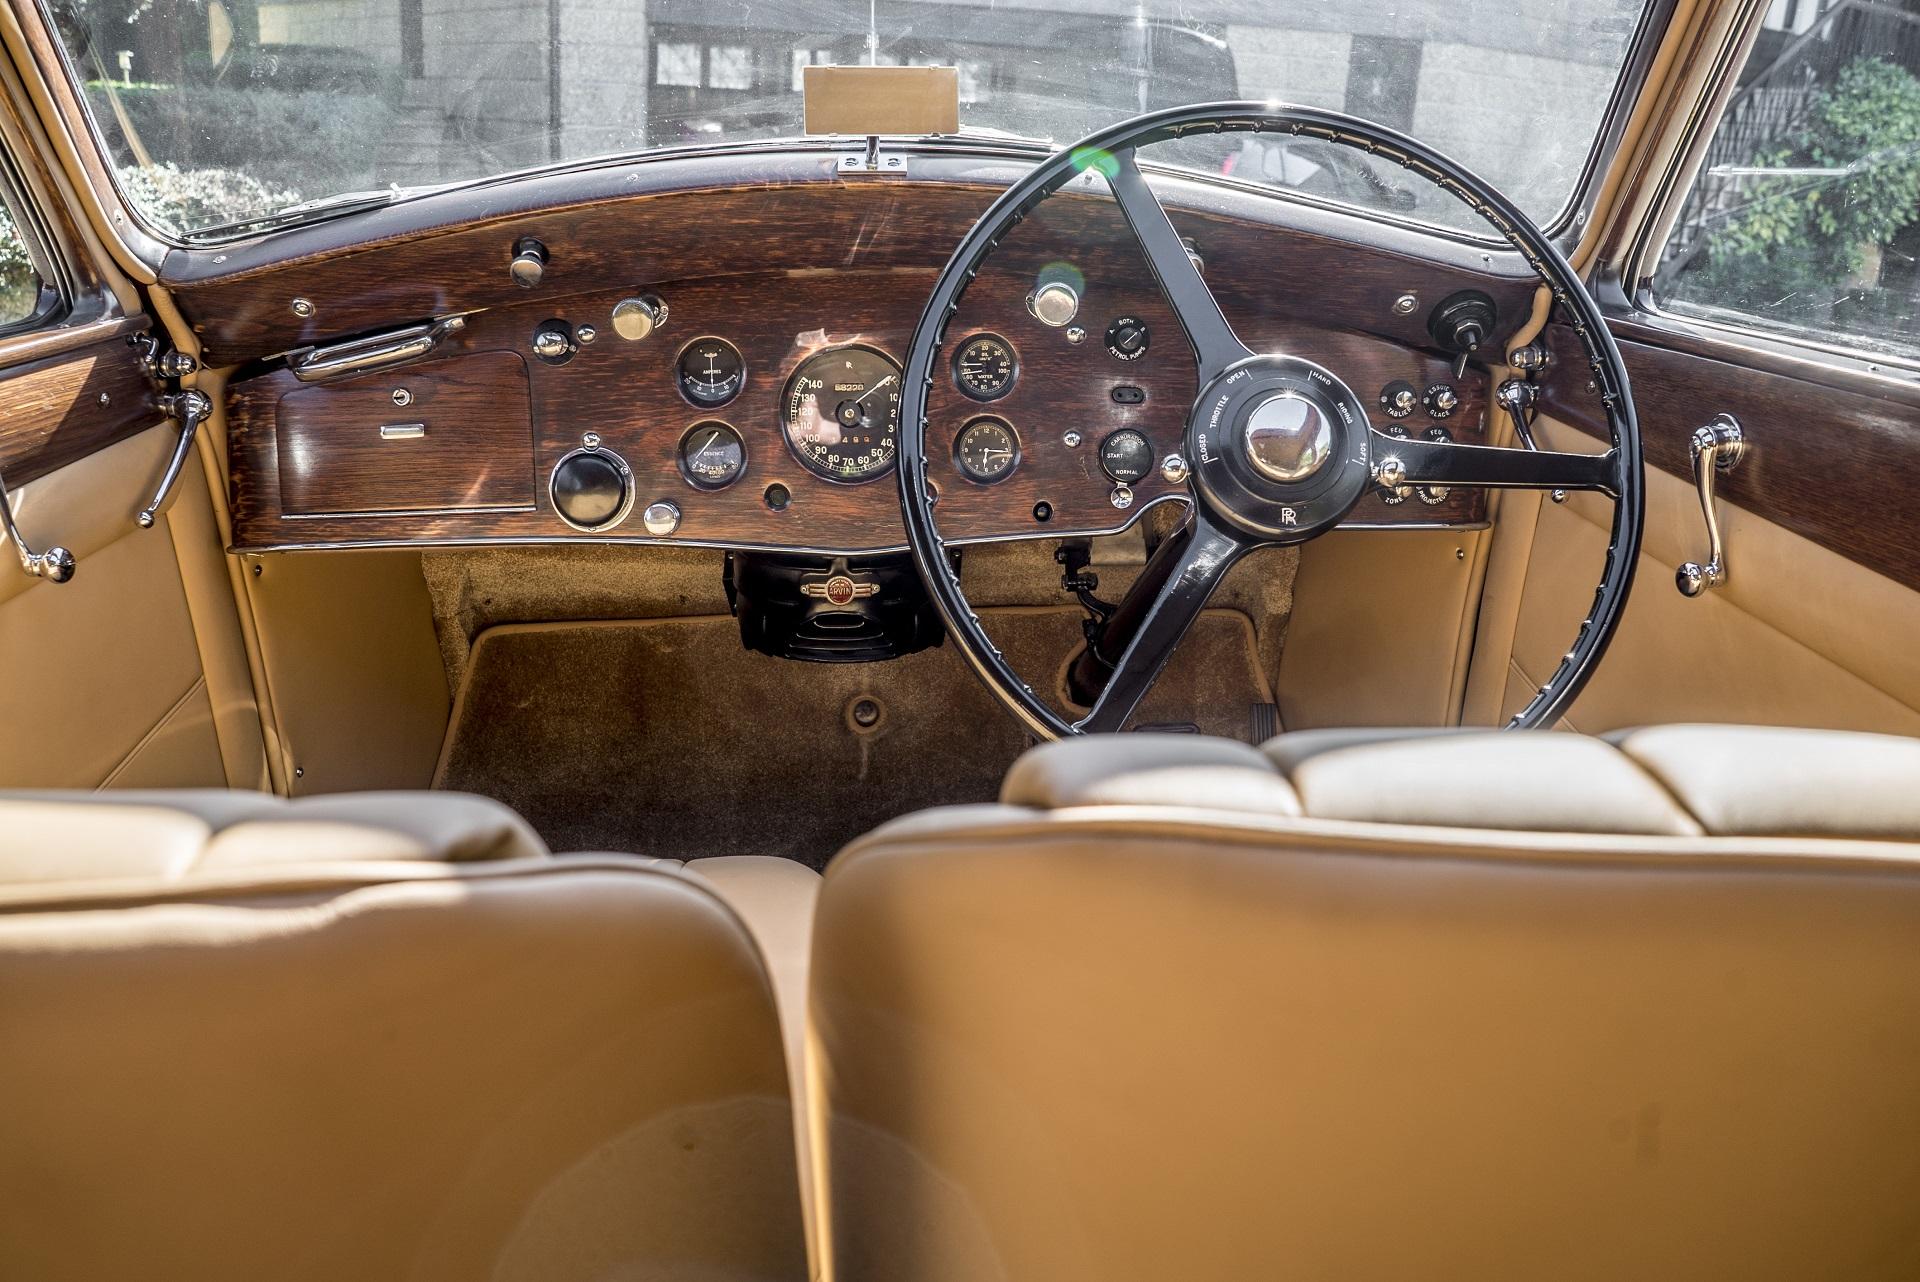 Rolls Royce Wraith 1938 Bordeaux Vintage Cars Boutique